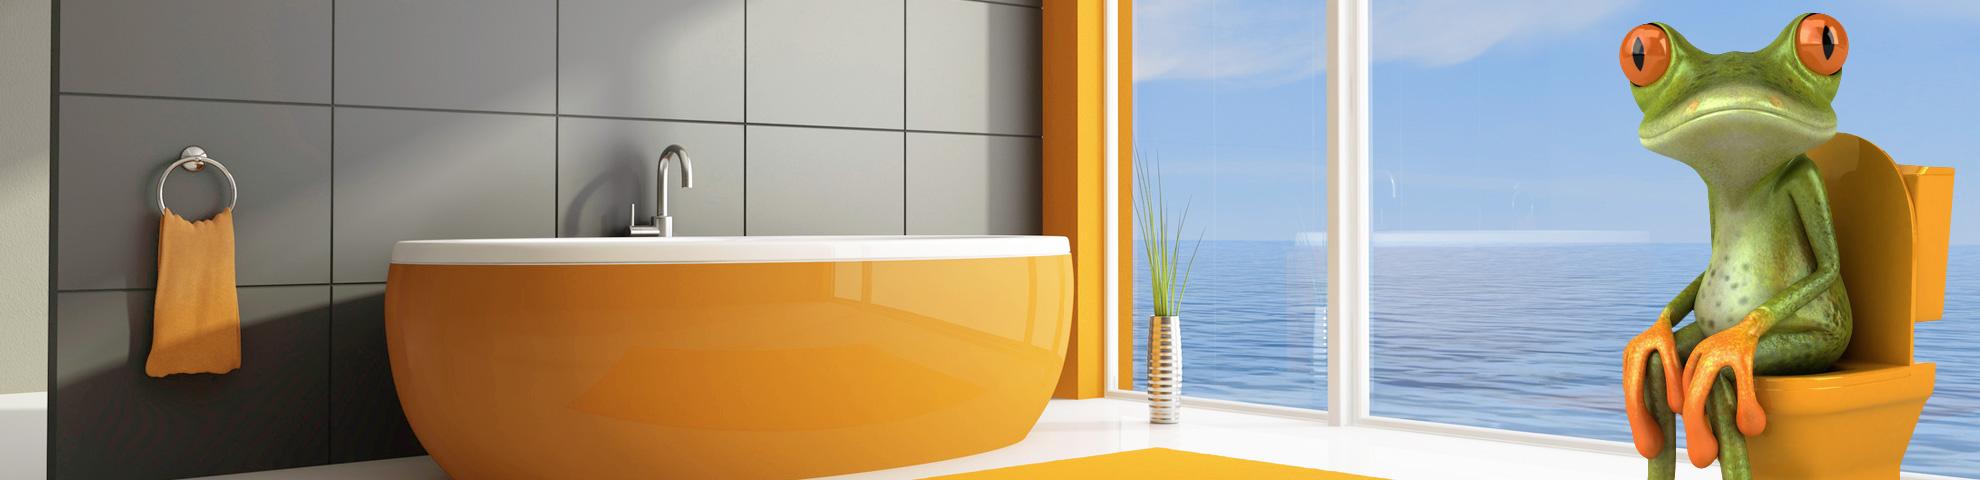 Ein Badezimmer mit Badewanne und Toilette auf der ein überraschter Frosch sitzt - Hintergrundbild des Sliders Impressum